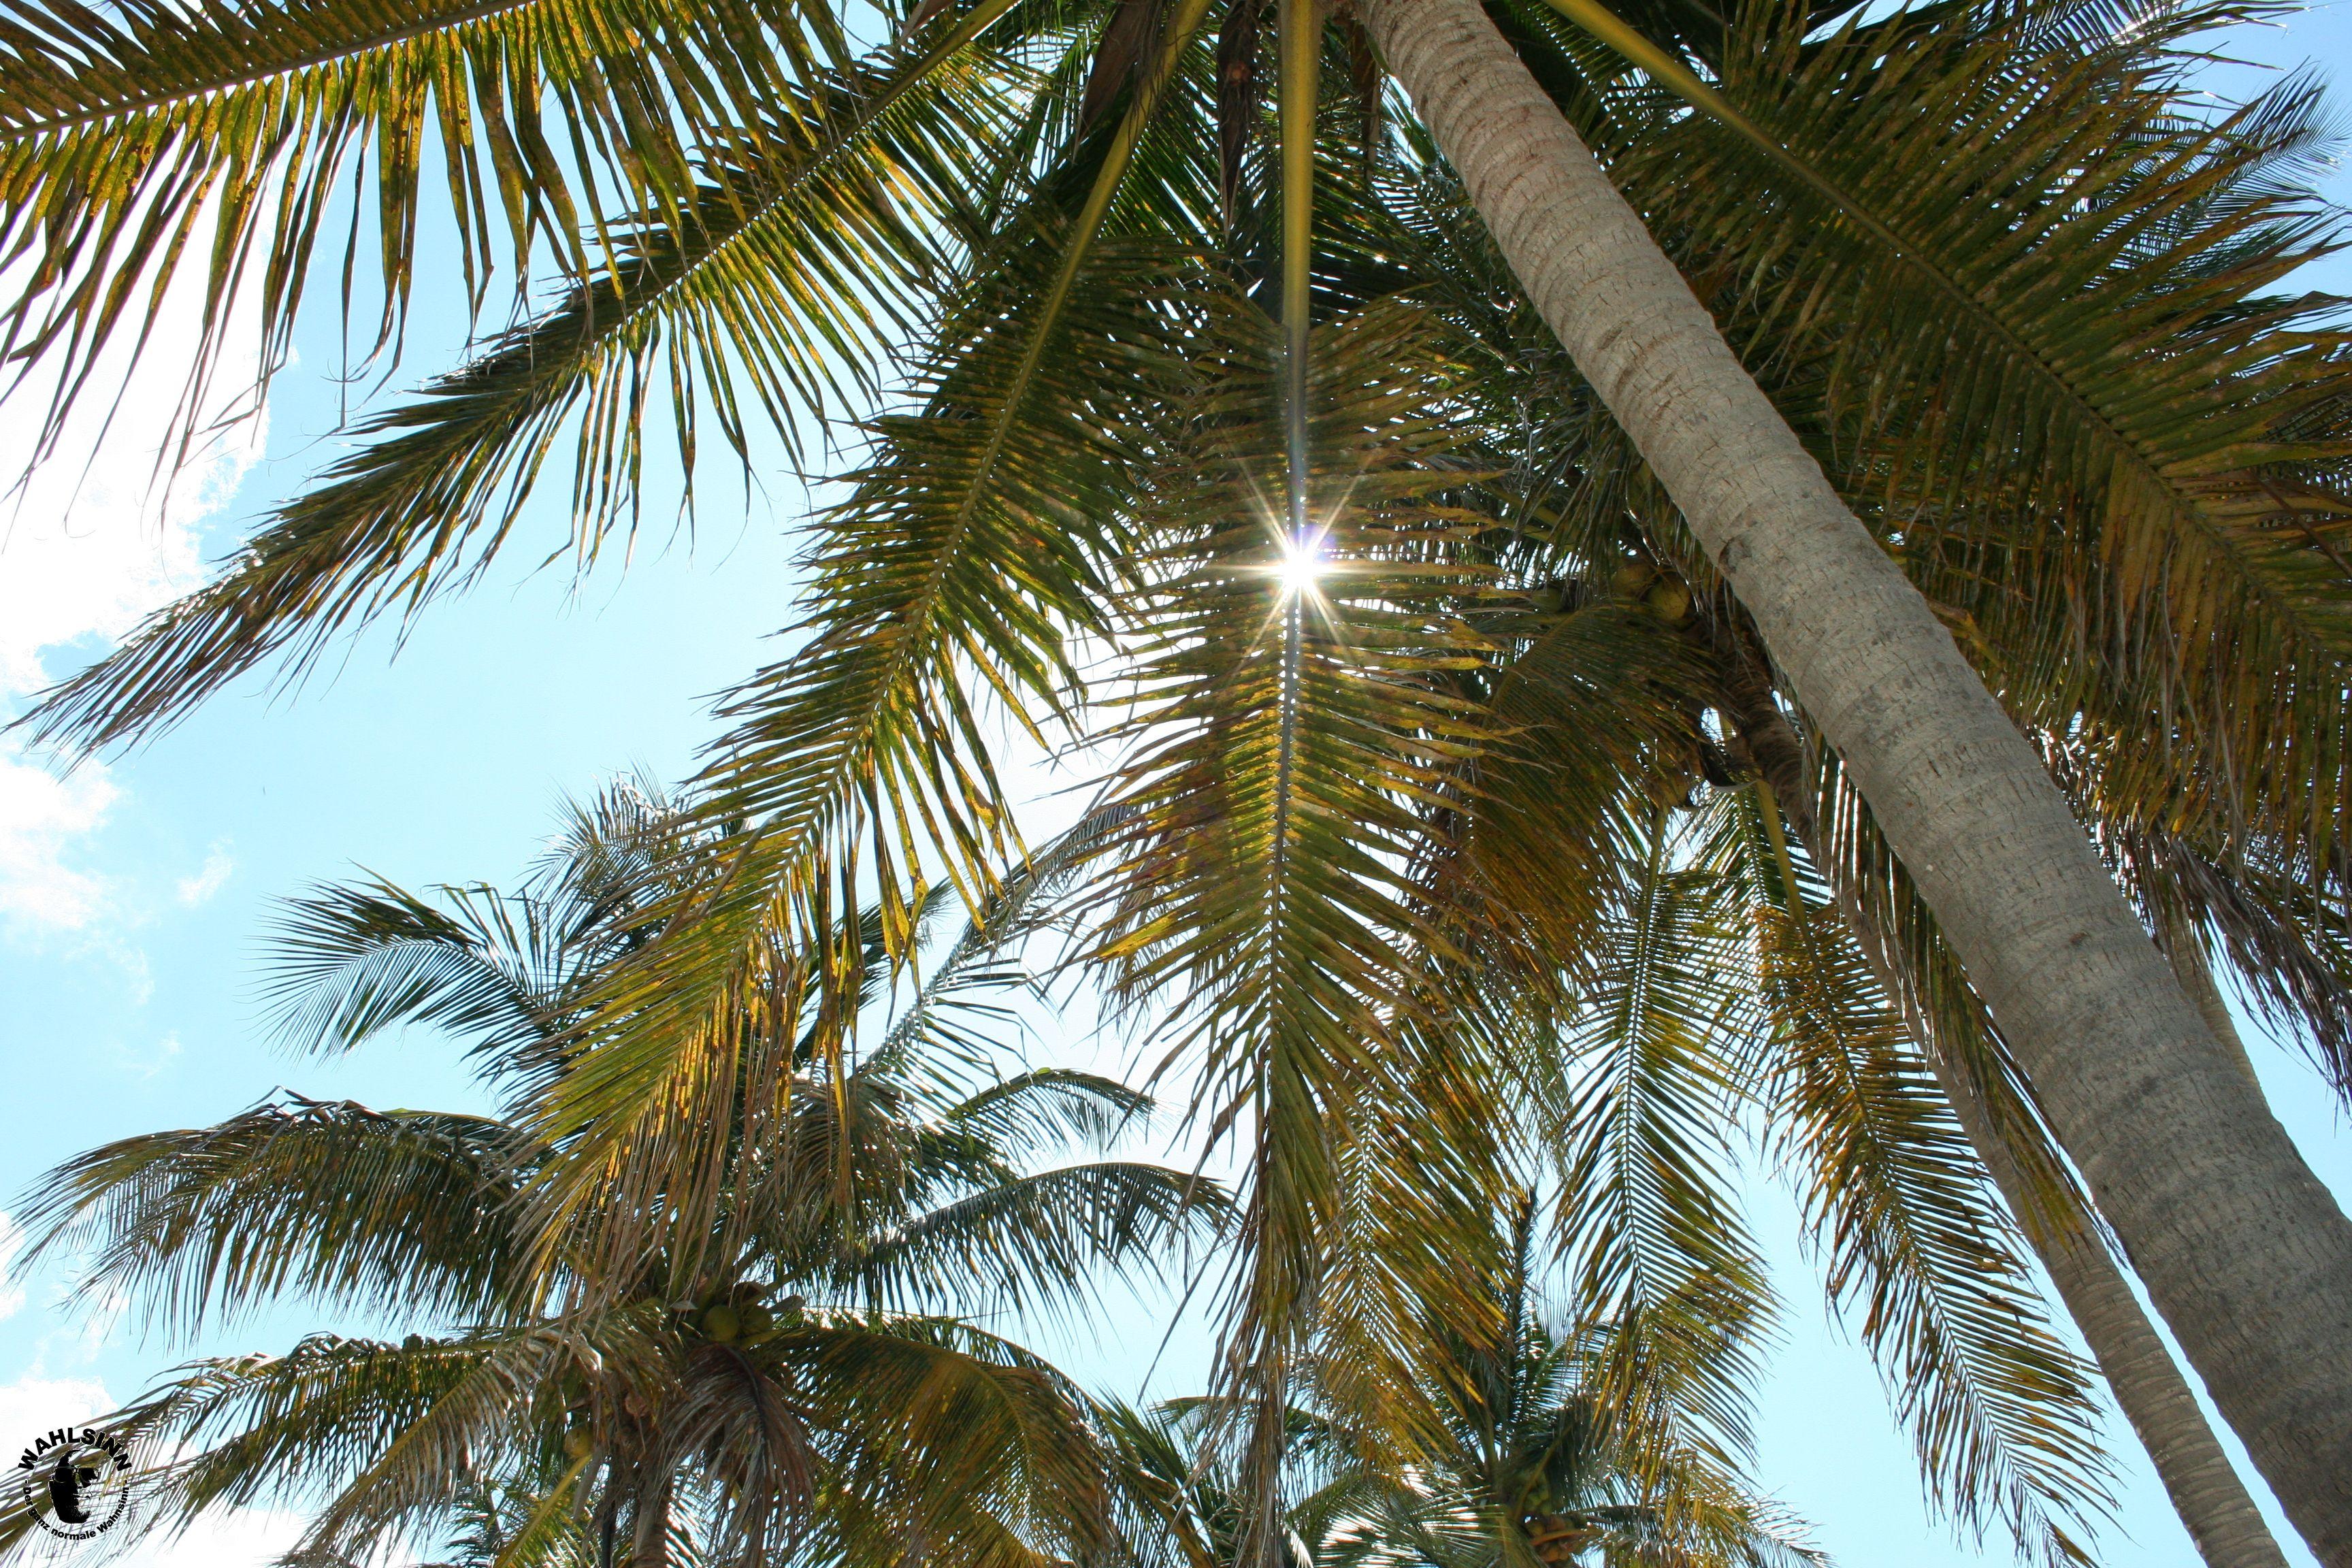 Traumstrand - Kokosnusspalme // Maria La Gorda (Kuba)